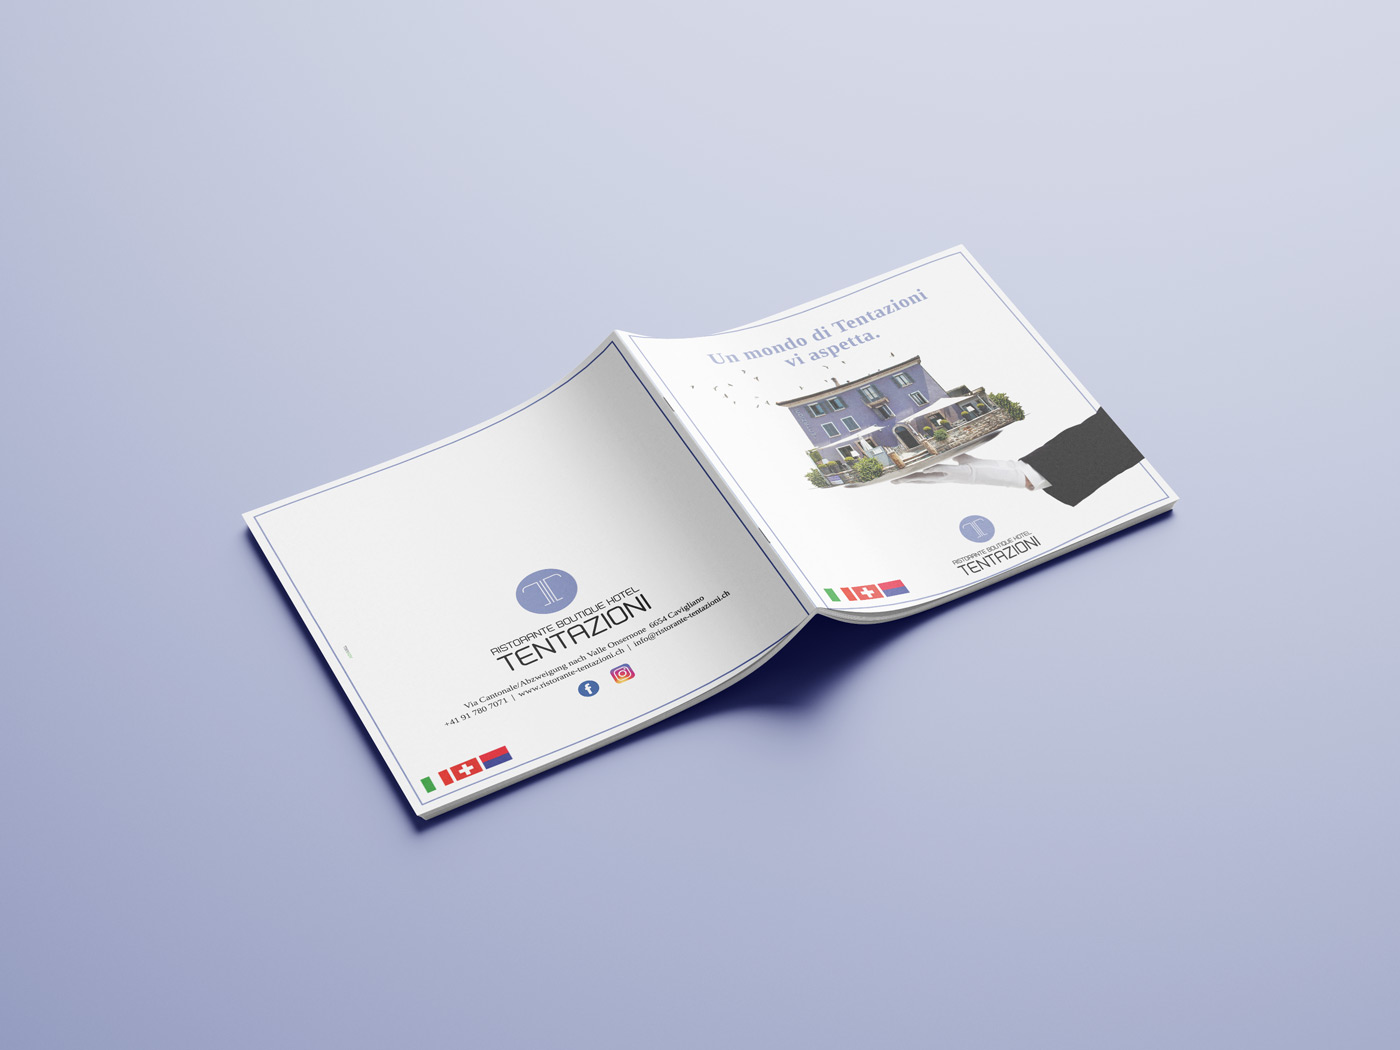 Tentazioni-Hotel-Ristorante—Brochure_1